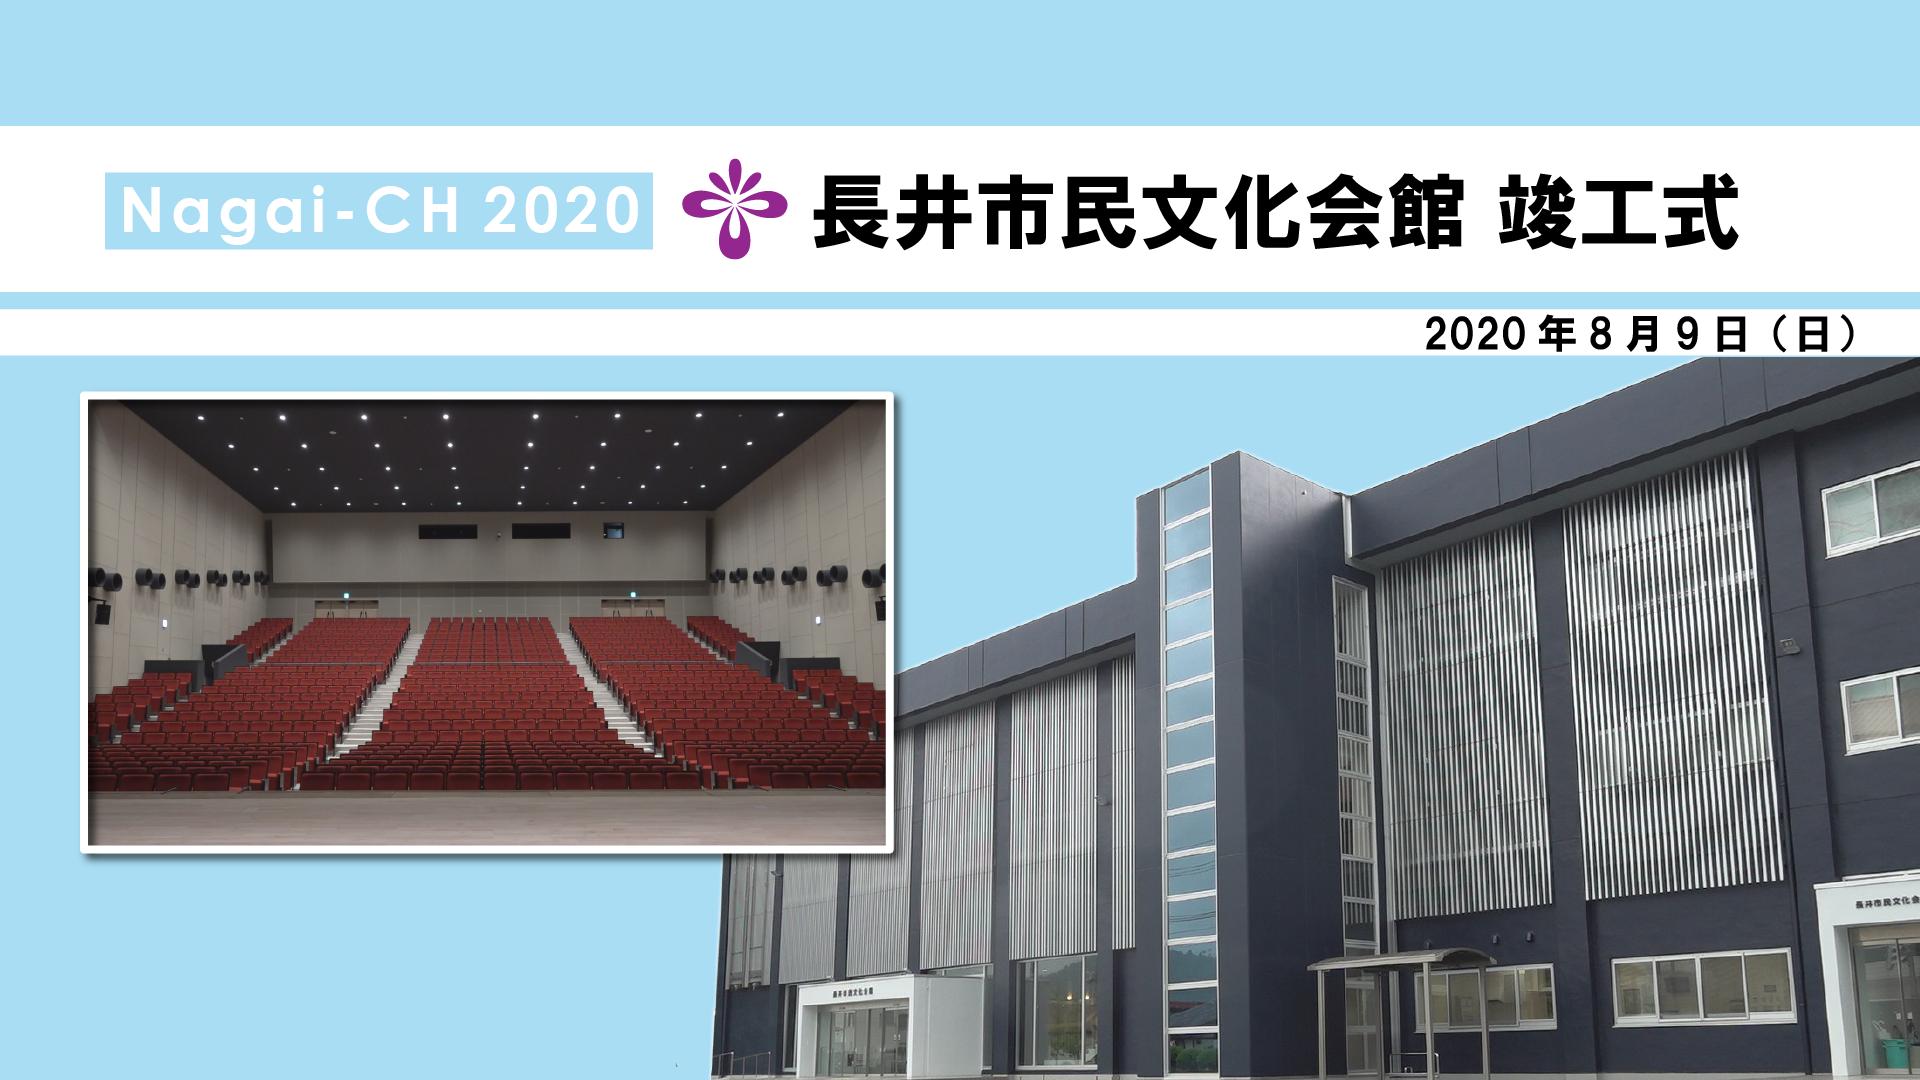 【長井市】長井市民文化会館竣工式(令和2年8月9日):画像